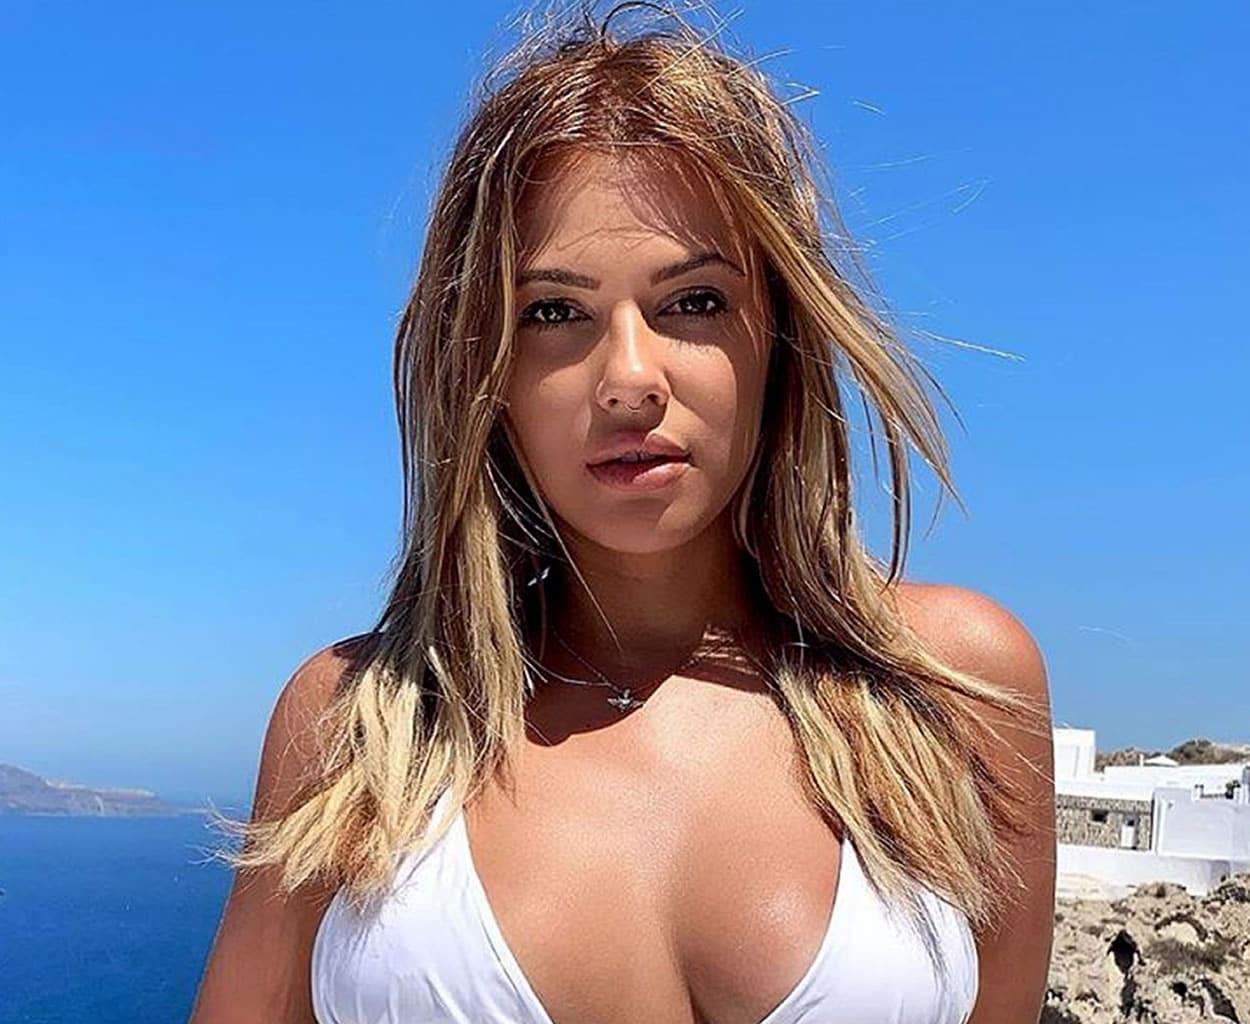 Λάουρα Νάργες: με ποιον τραγουδιστή απολαμβάνει τις διακοπές της! Οργιάζουν οι φήμες ότι κάτι τρέχει ανάμεσά τους